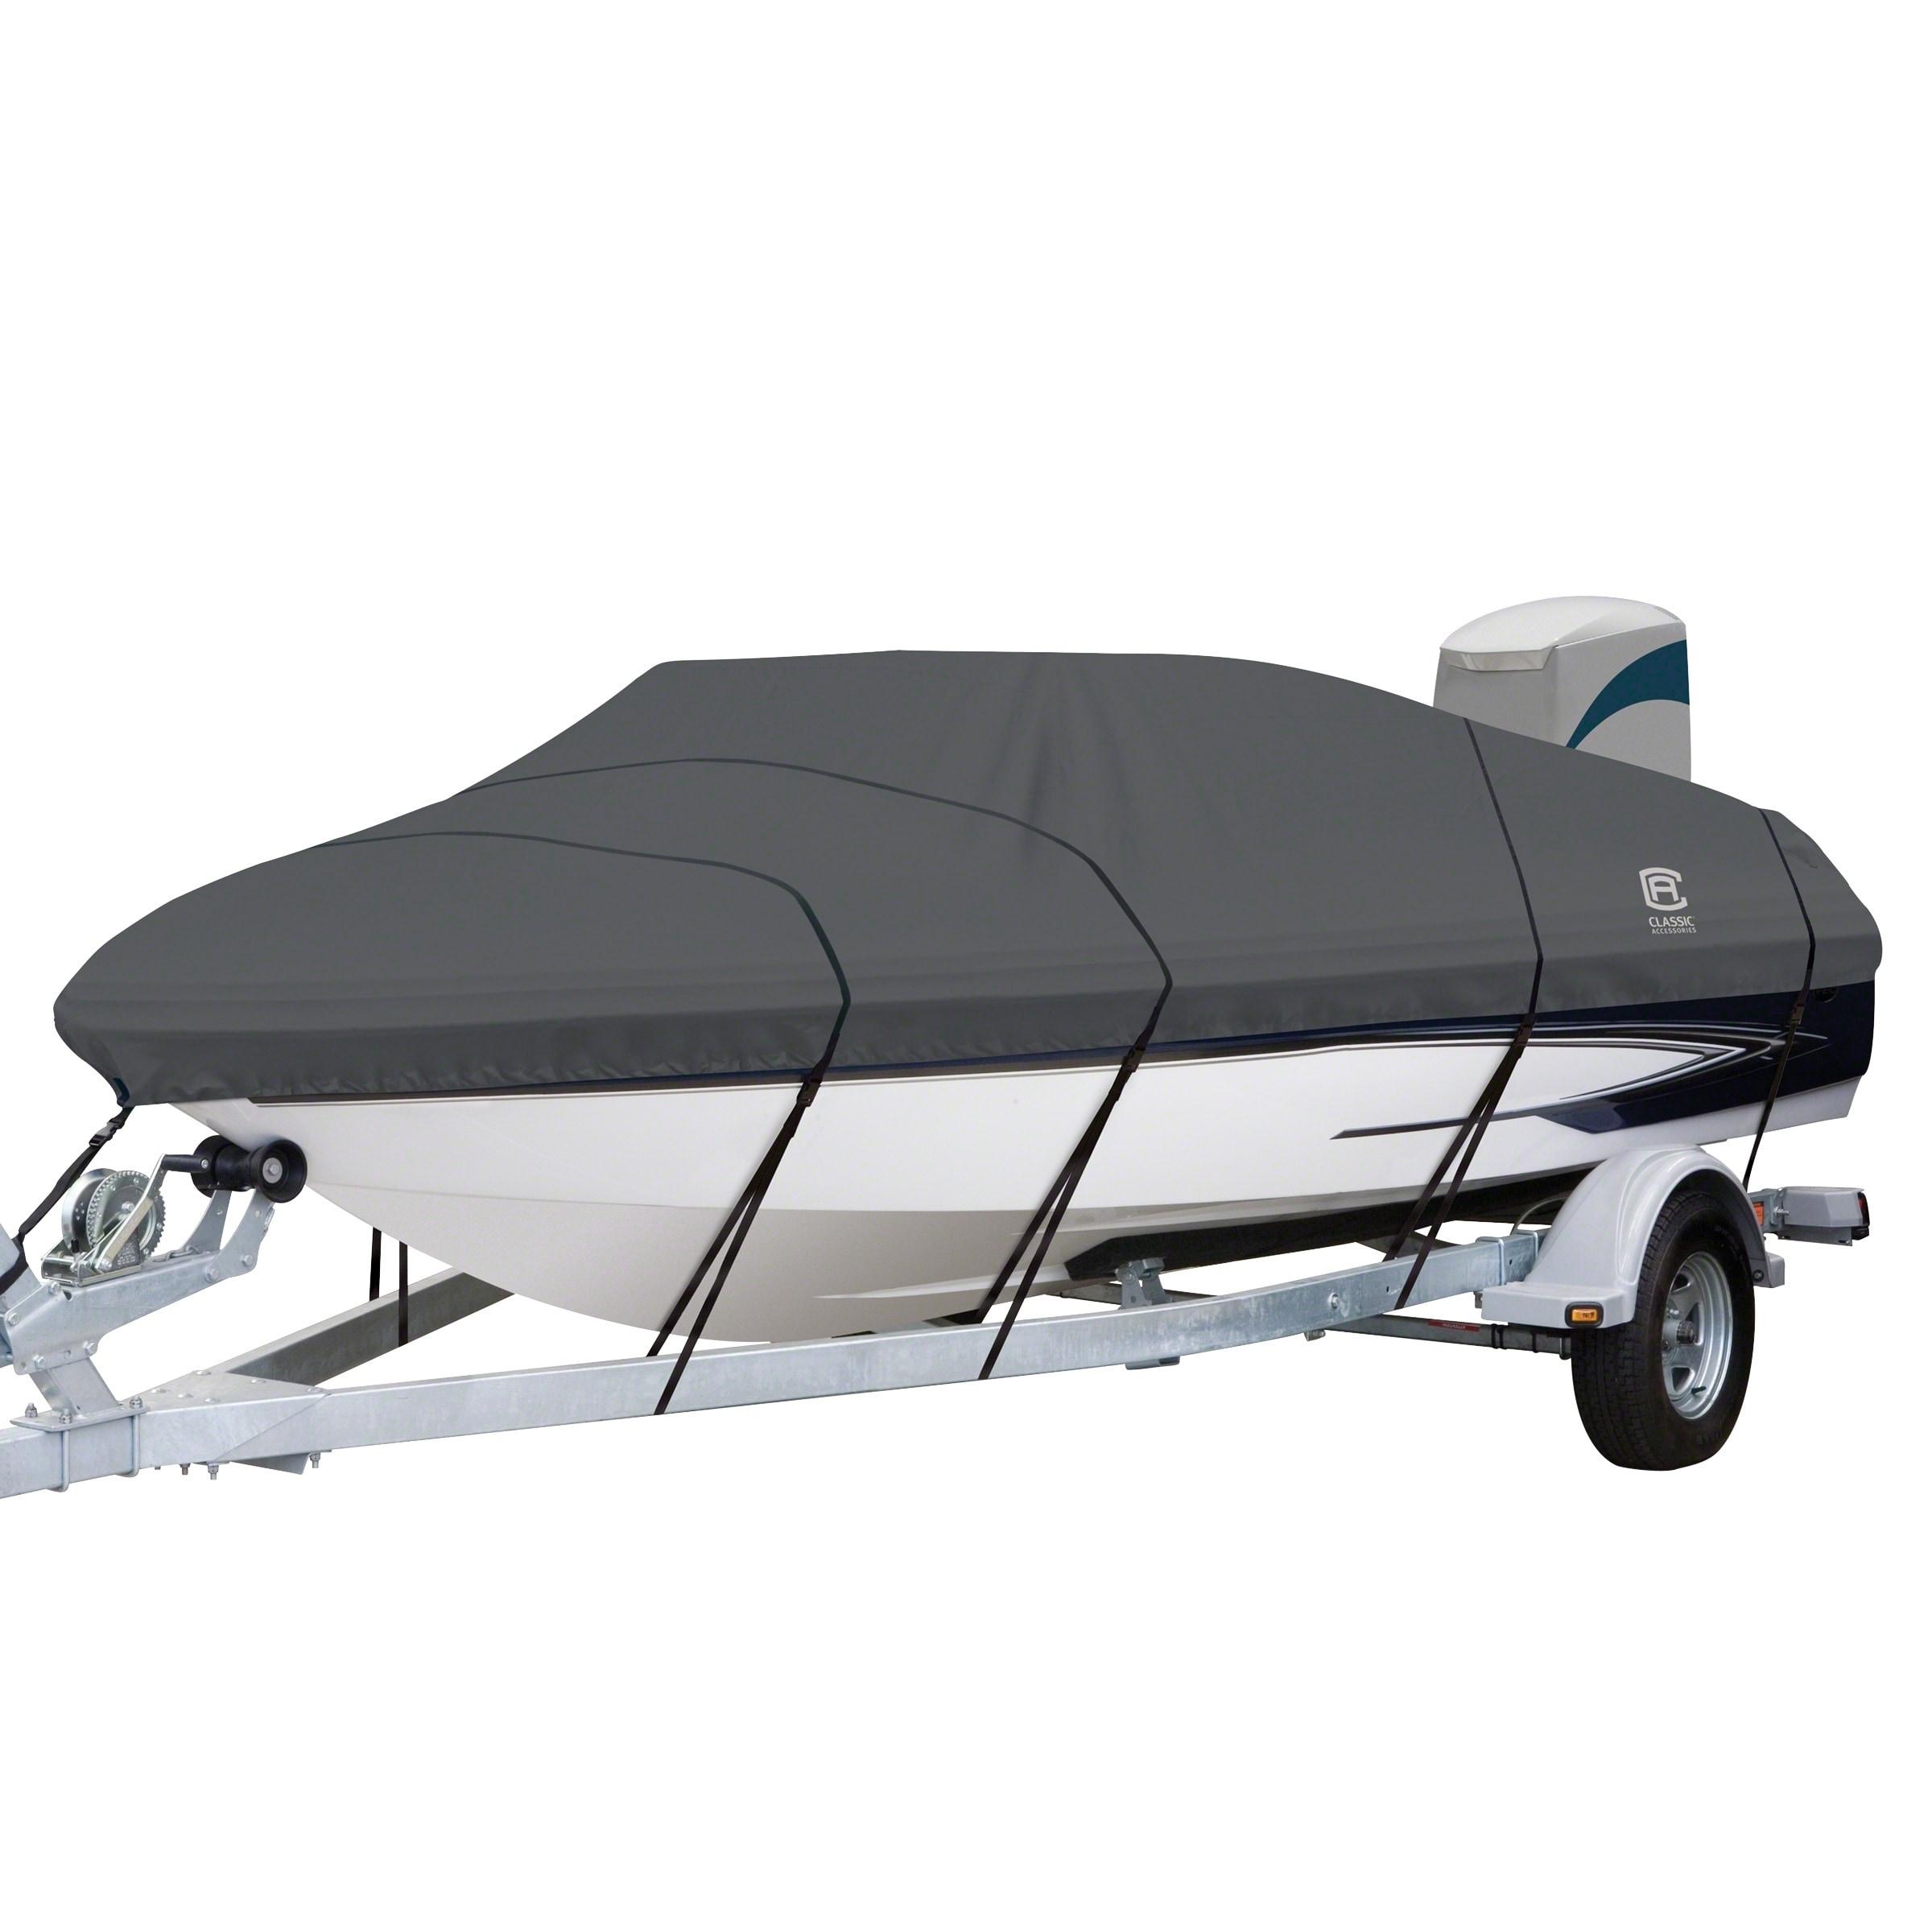 Classic# 20-235-121001-00 Model E Lunex Rs-1 Boat Cover